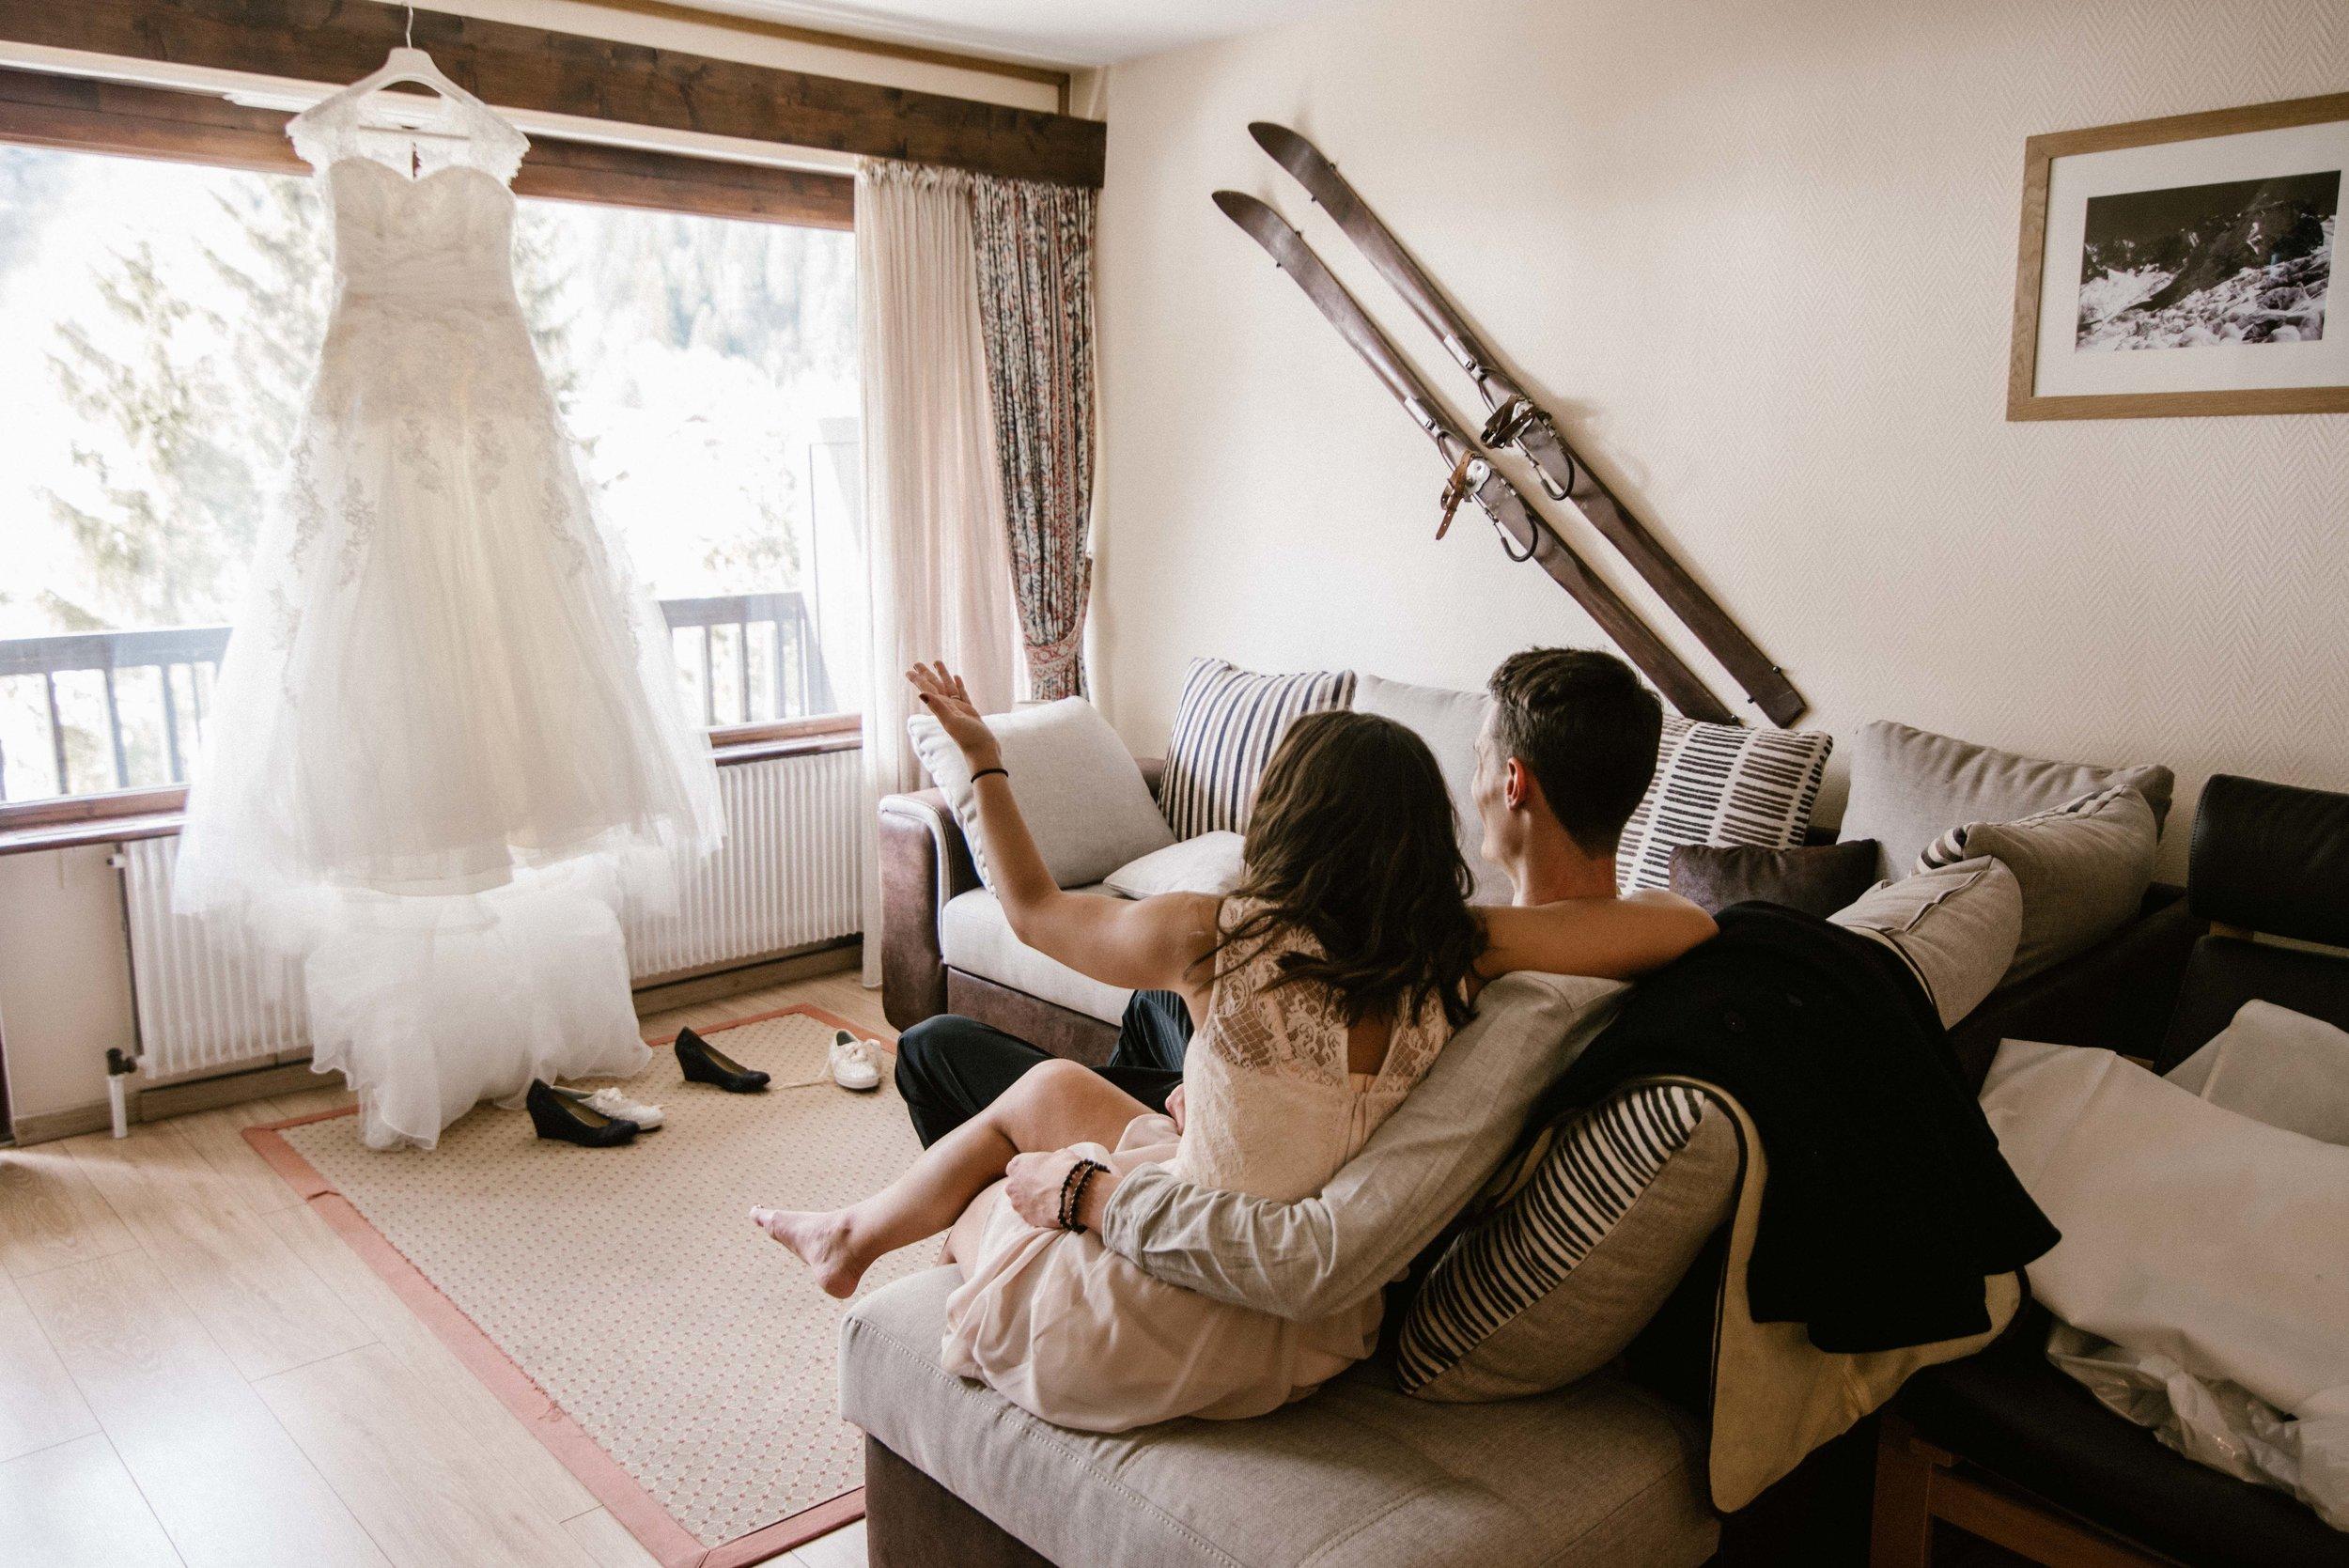 Léa-Fery-photographe-professionnel-lyon-rhone-alpes-portrait-mariage-couple-amour-lovesession-engagement-elopment-2033.jpg